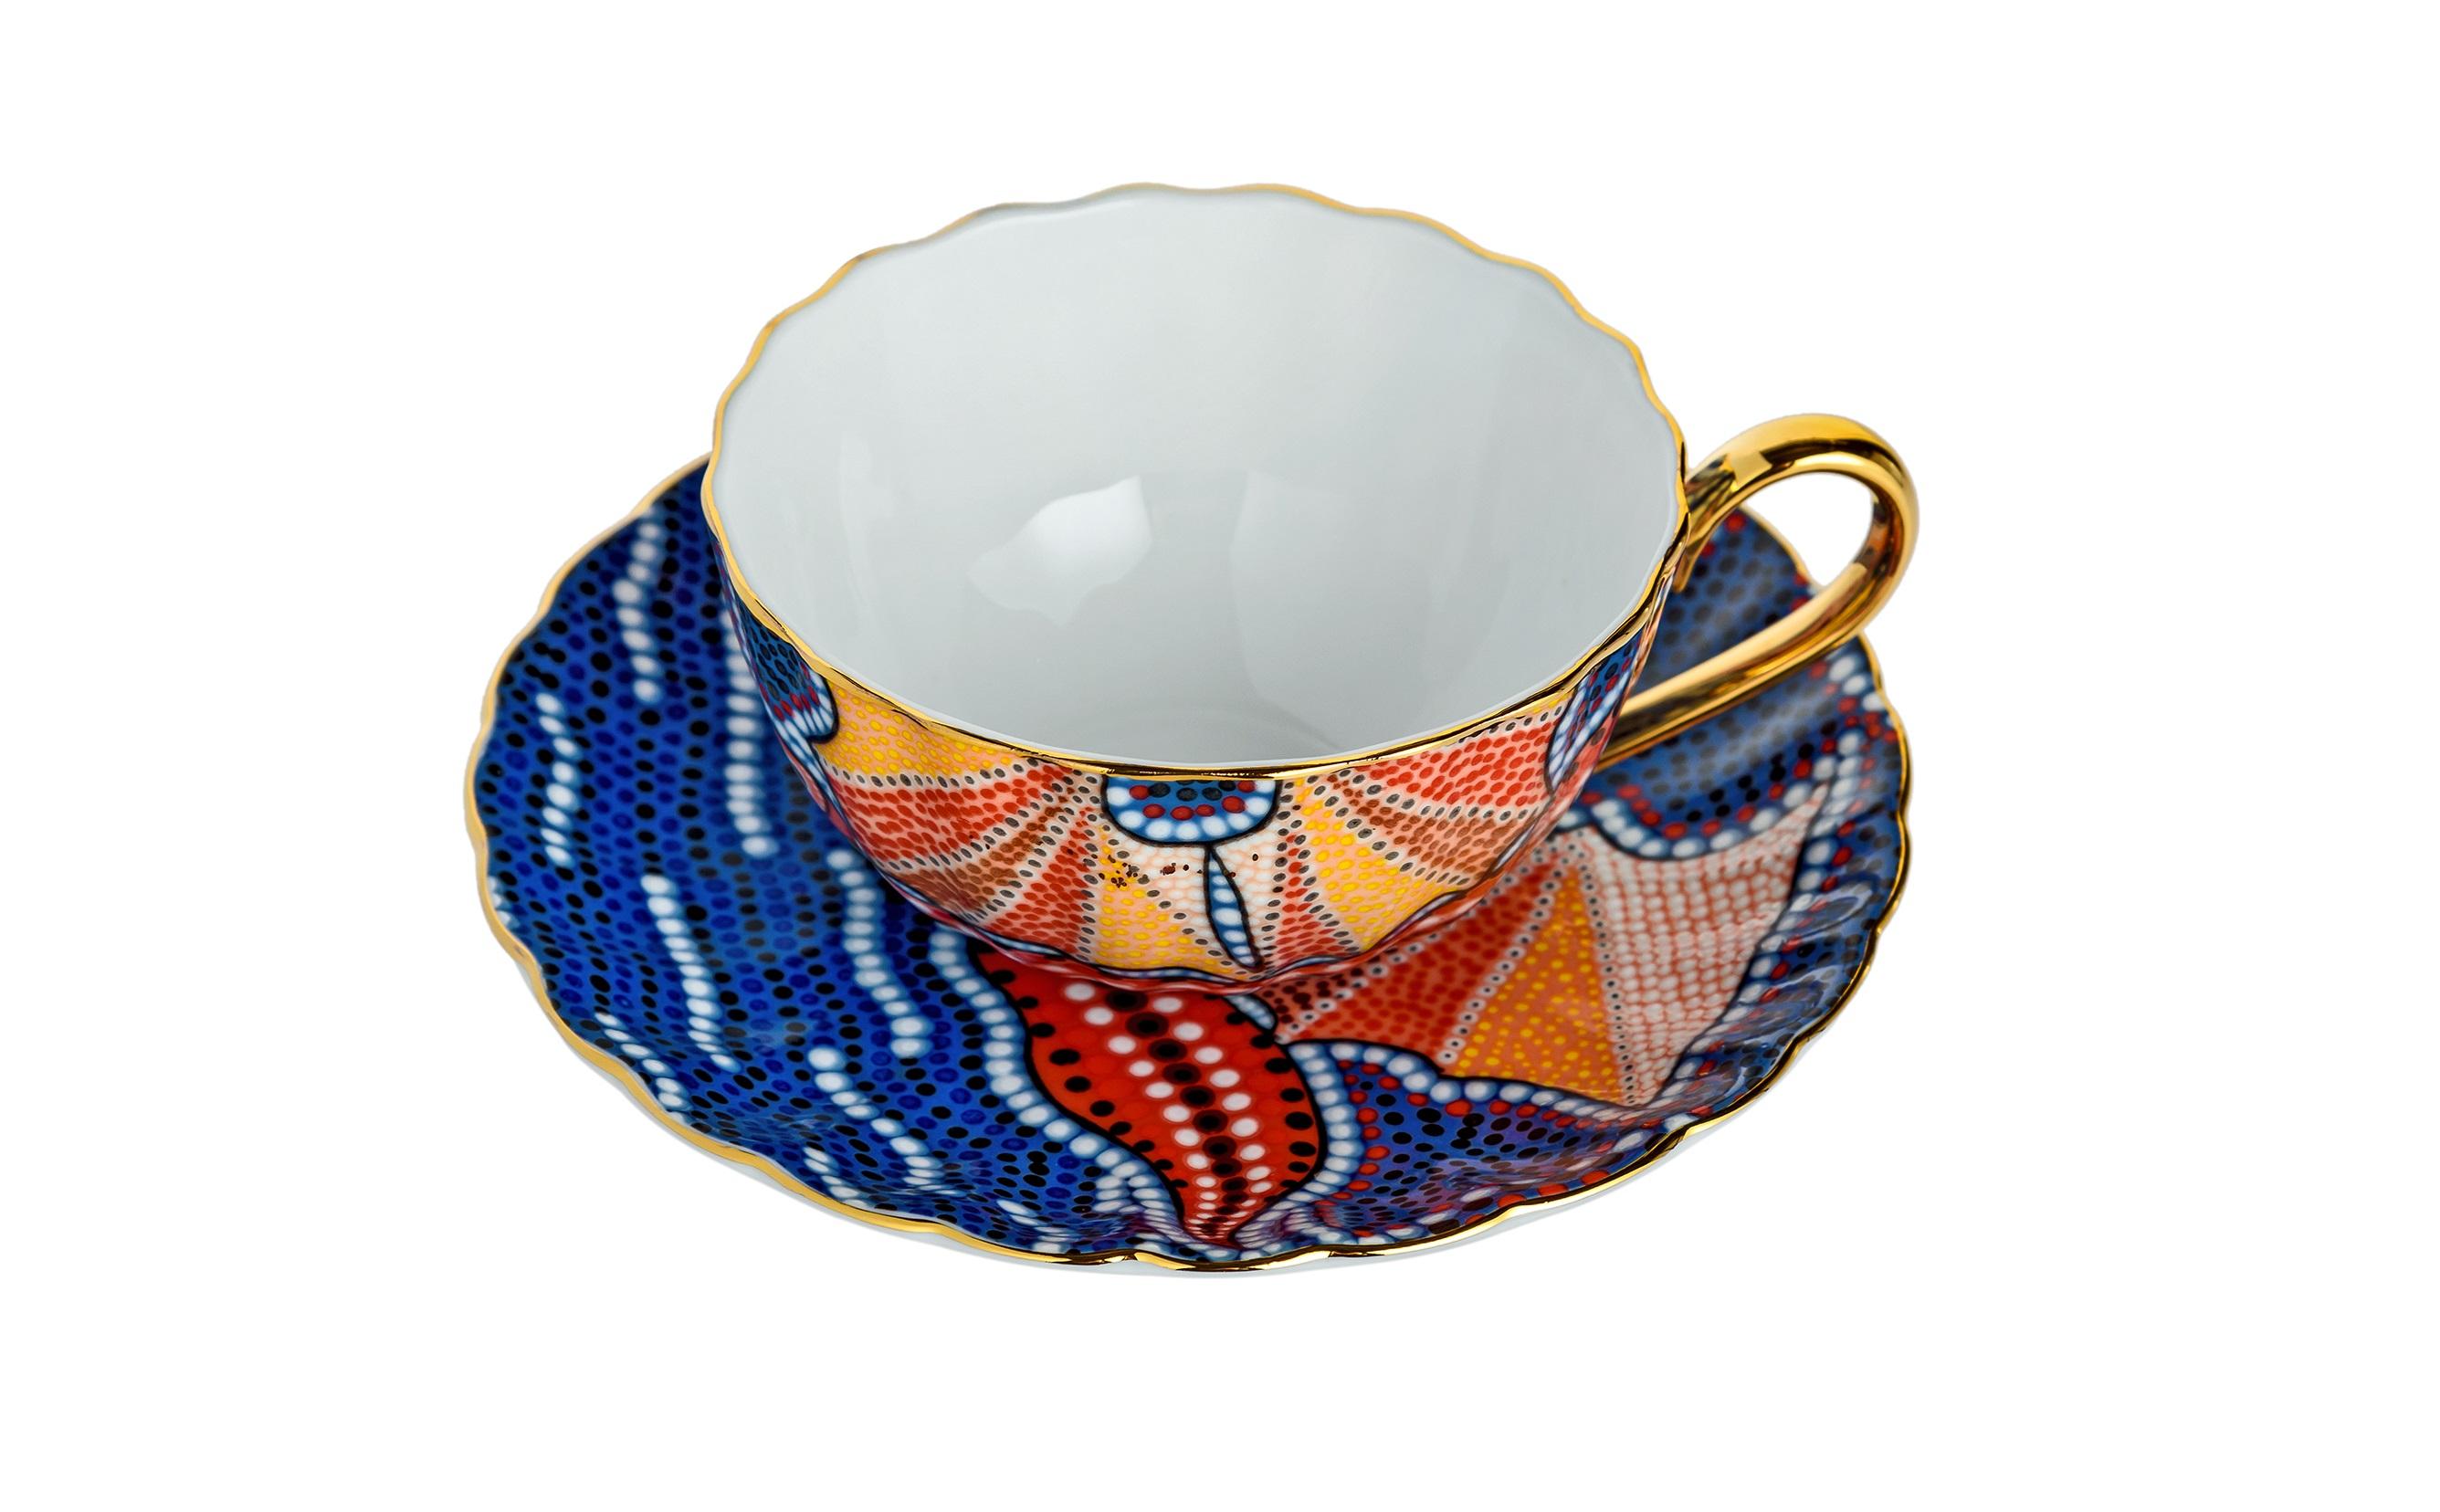 Чайная пара МозаикаЧайные пары, чашки и кружки<br>Размер: чашка D9,5хH5 см; блюдце D14,5 см.<br><br>Material: Керамика<br>Высота см: 5